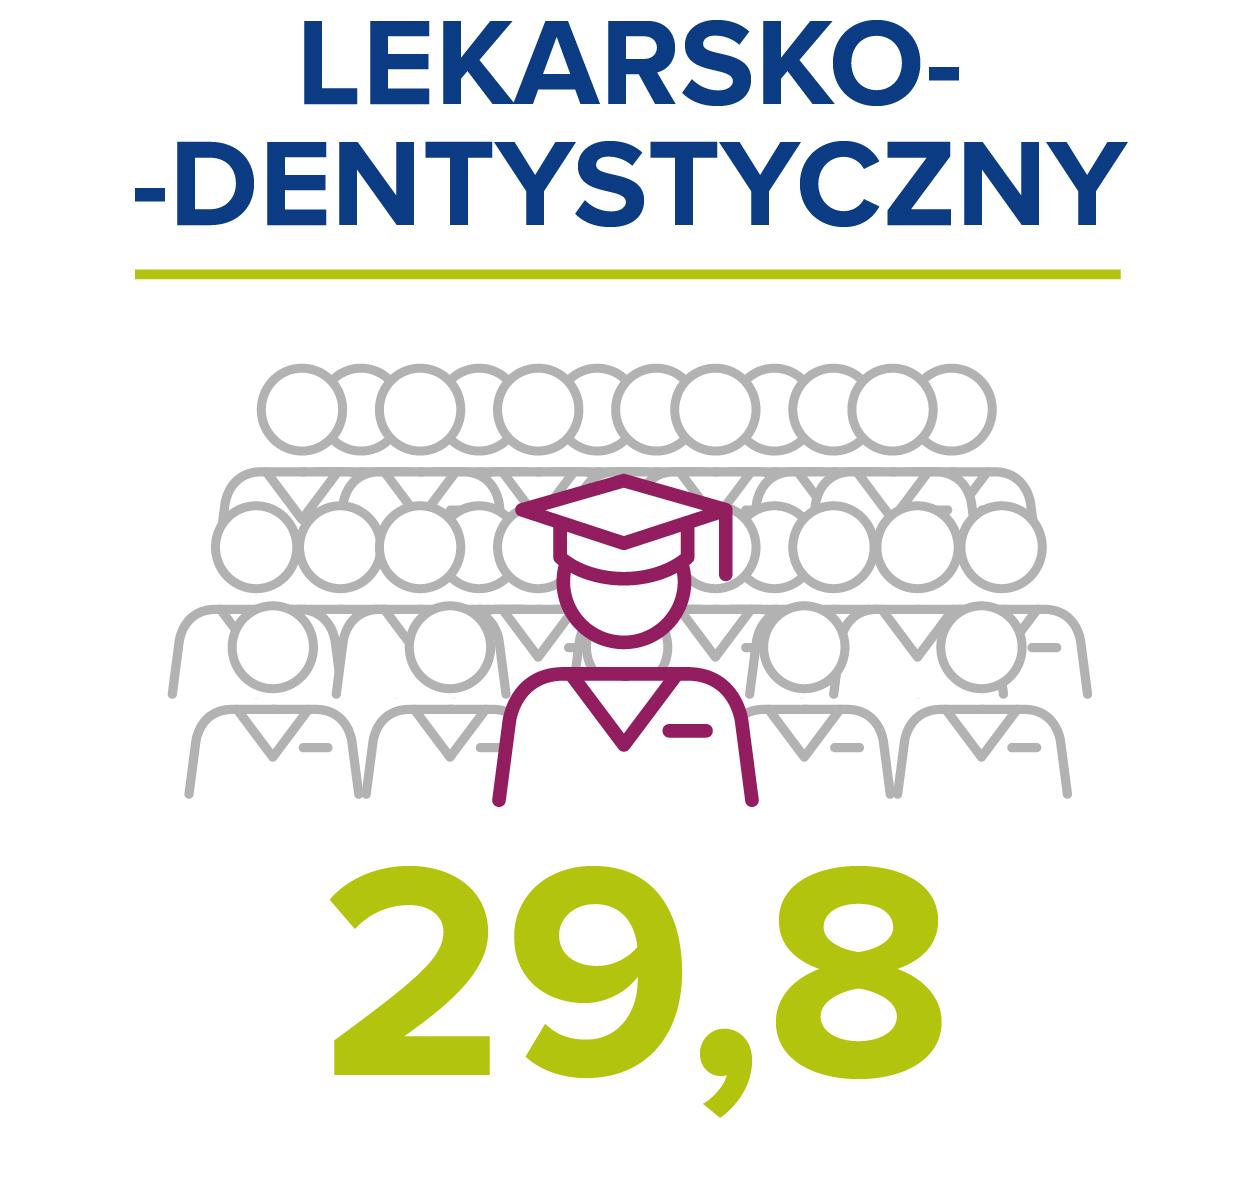 LEKARSKO-DENTYSTYCZNY